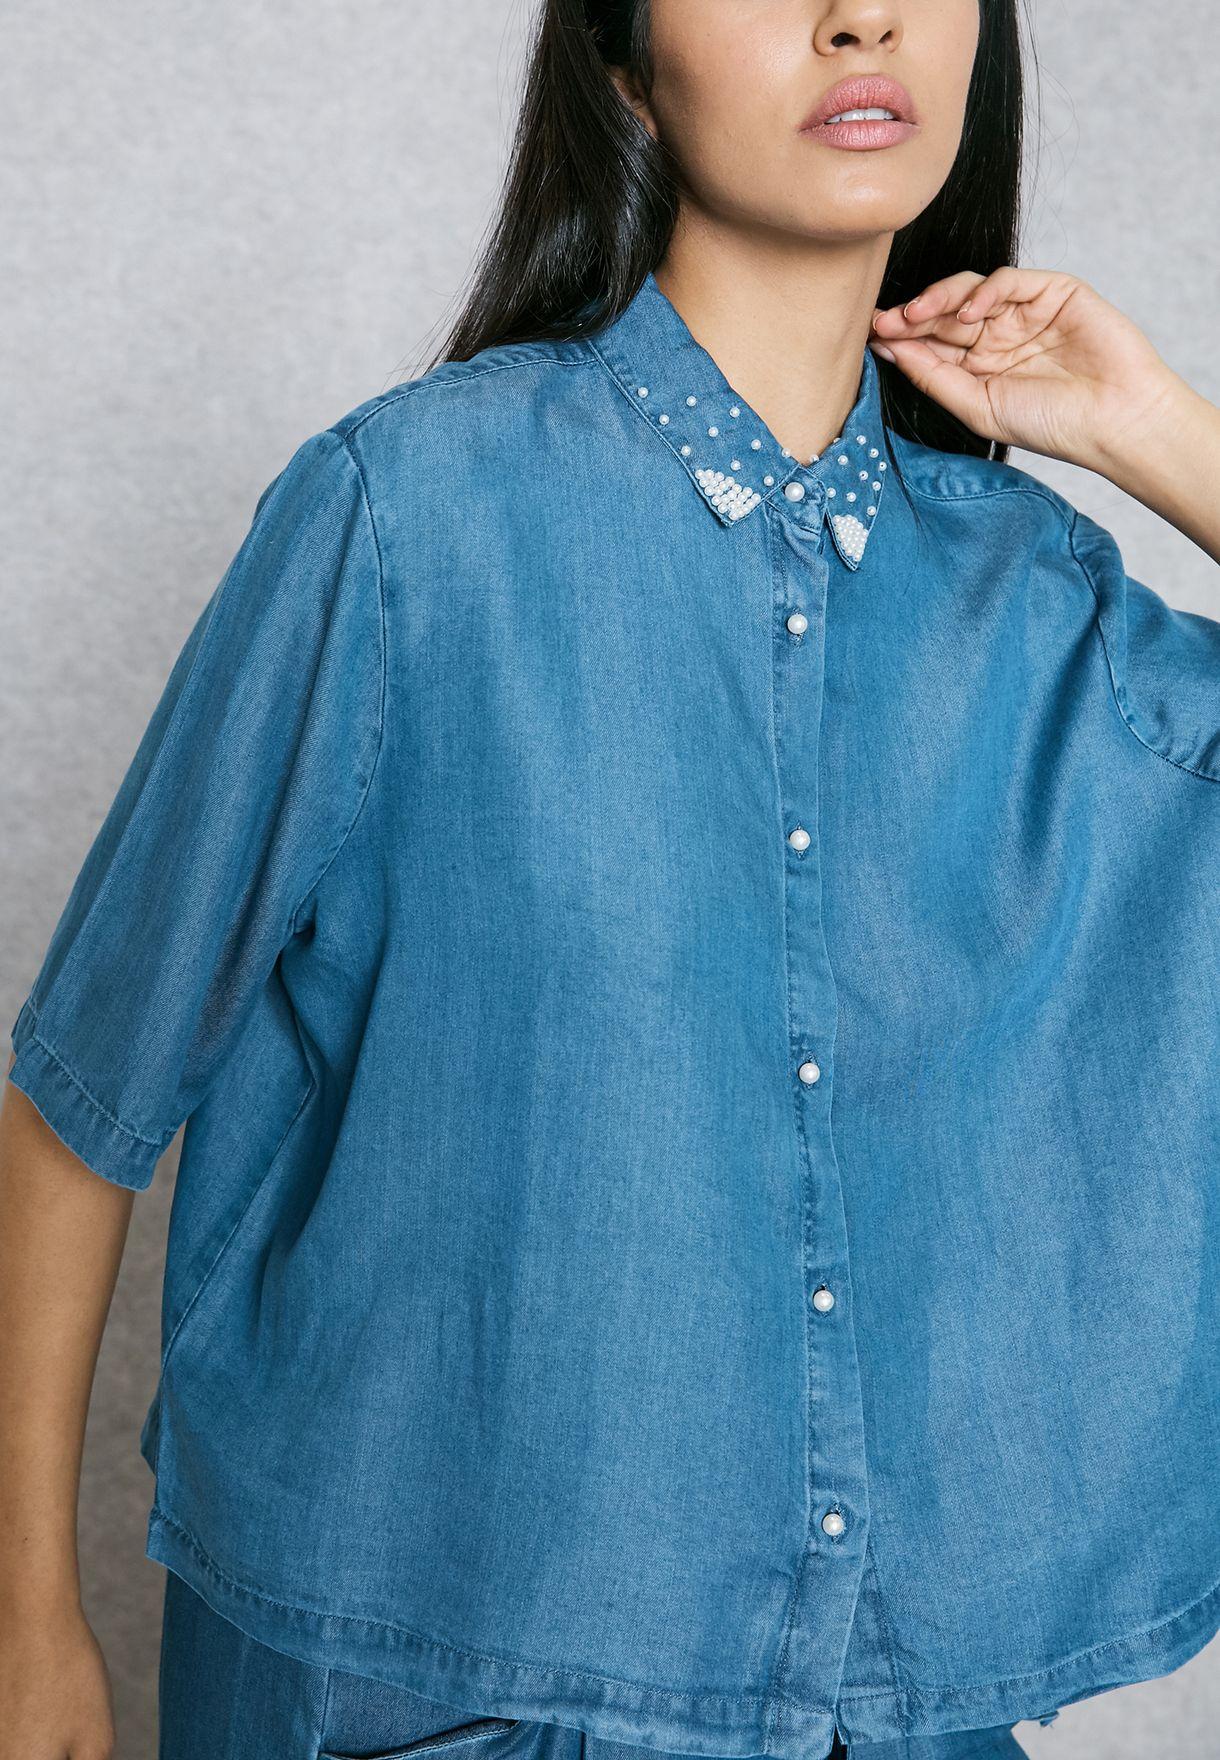 قميص بياقة كلاسيكية مزينة بلؤلؤ